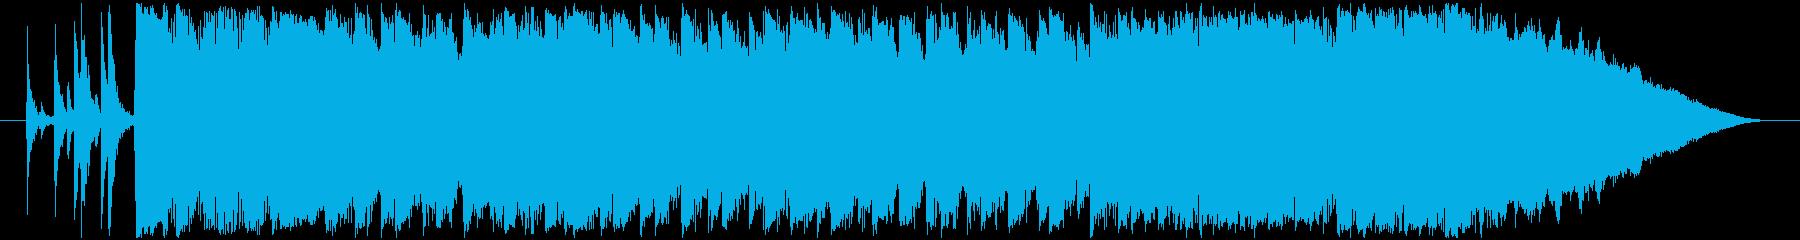 壮大クライマックス感 疾走感ポップロックの再生済みの波形